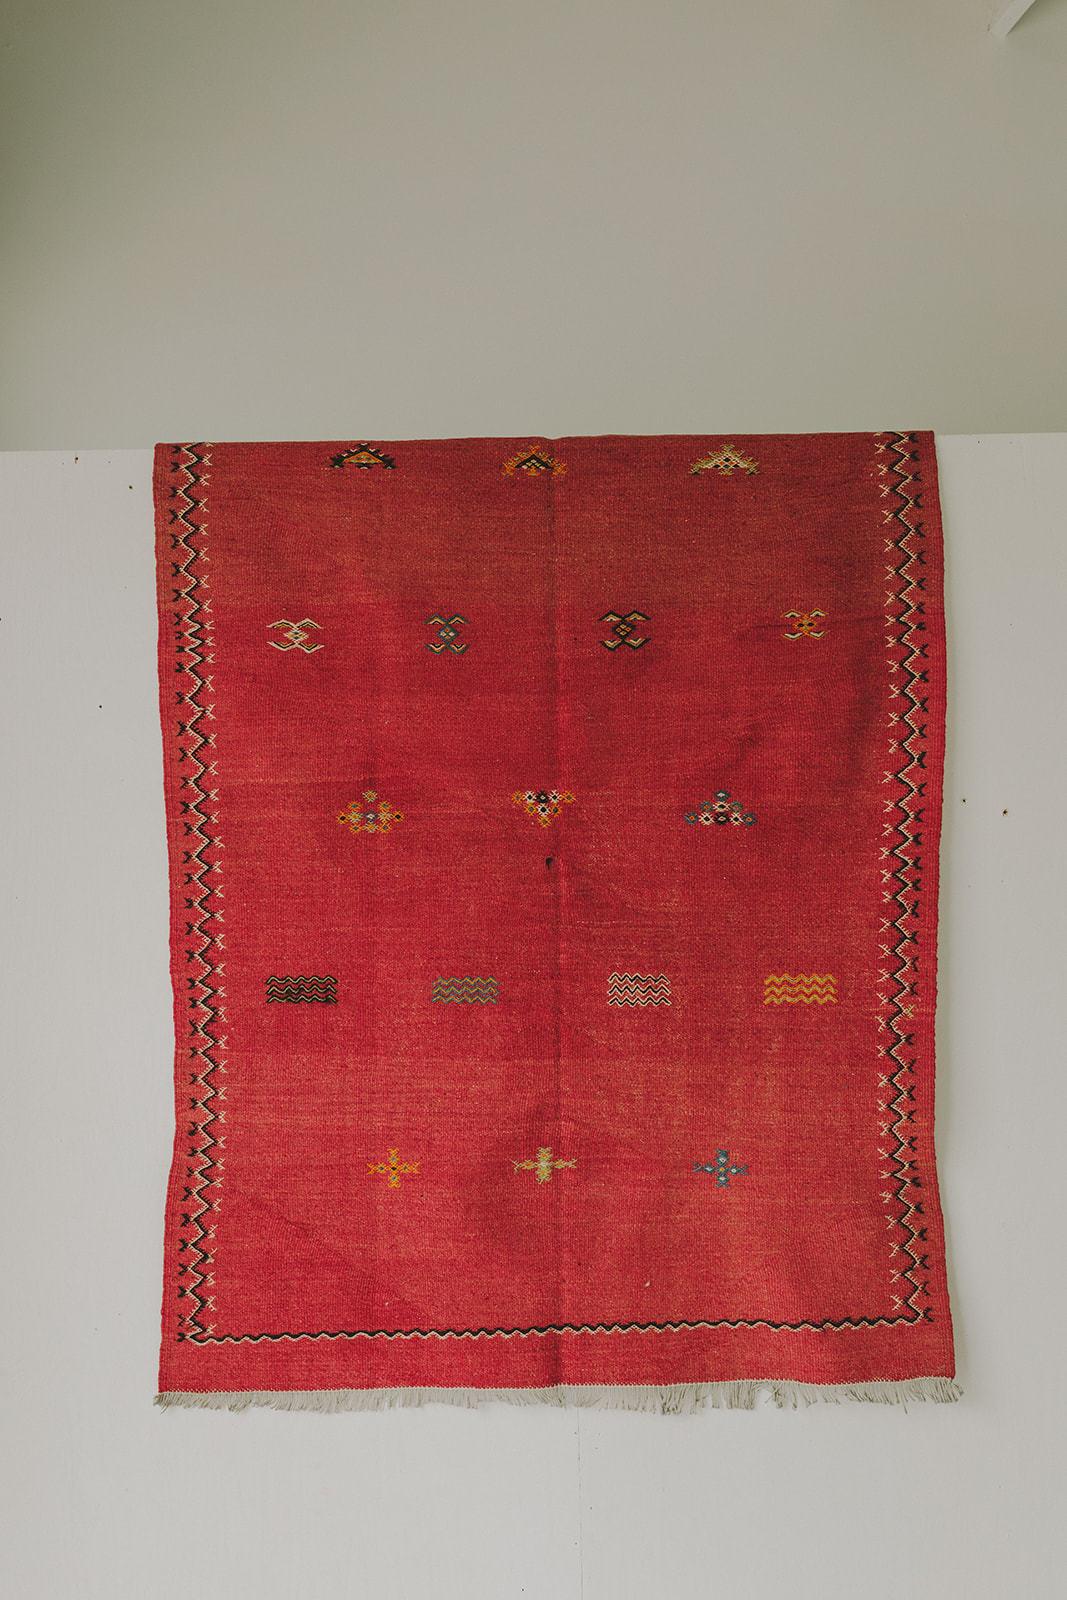 Vintage Kilim (3.6 x 5.2) - Red